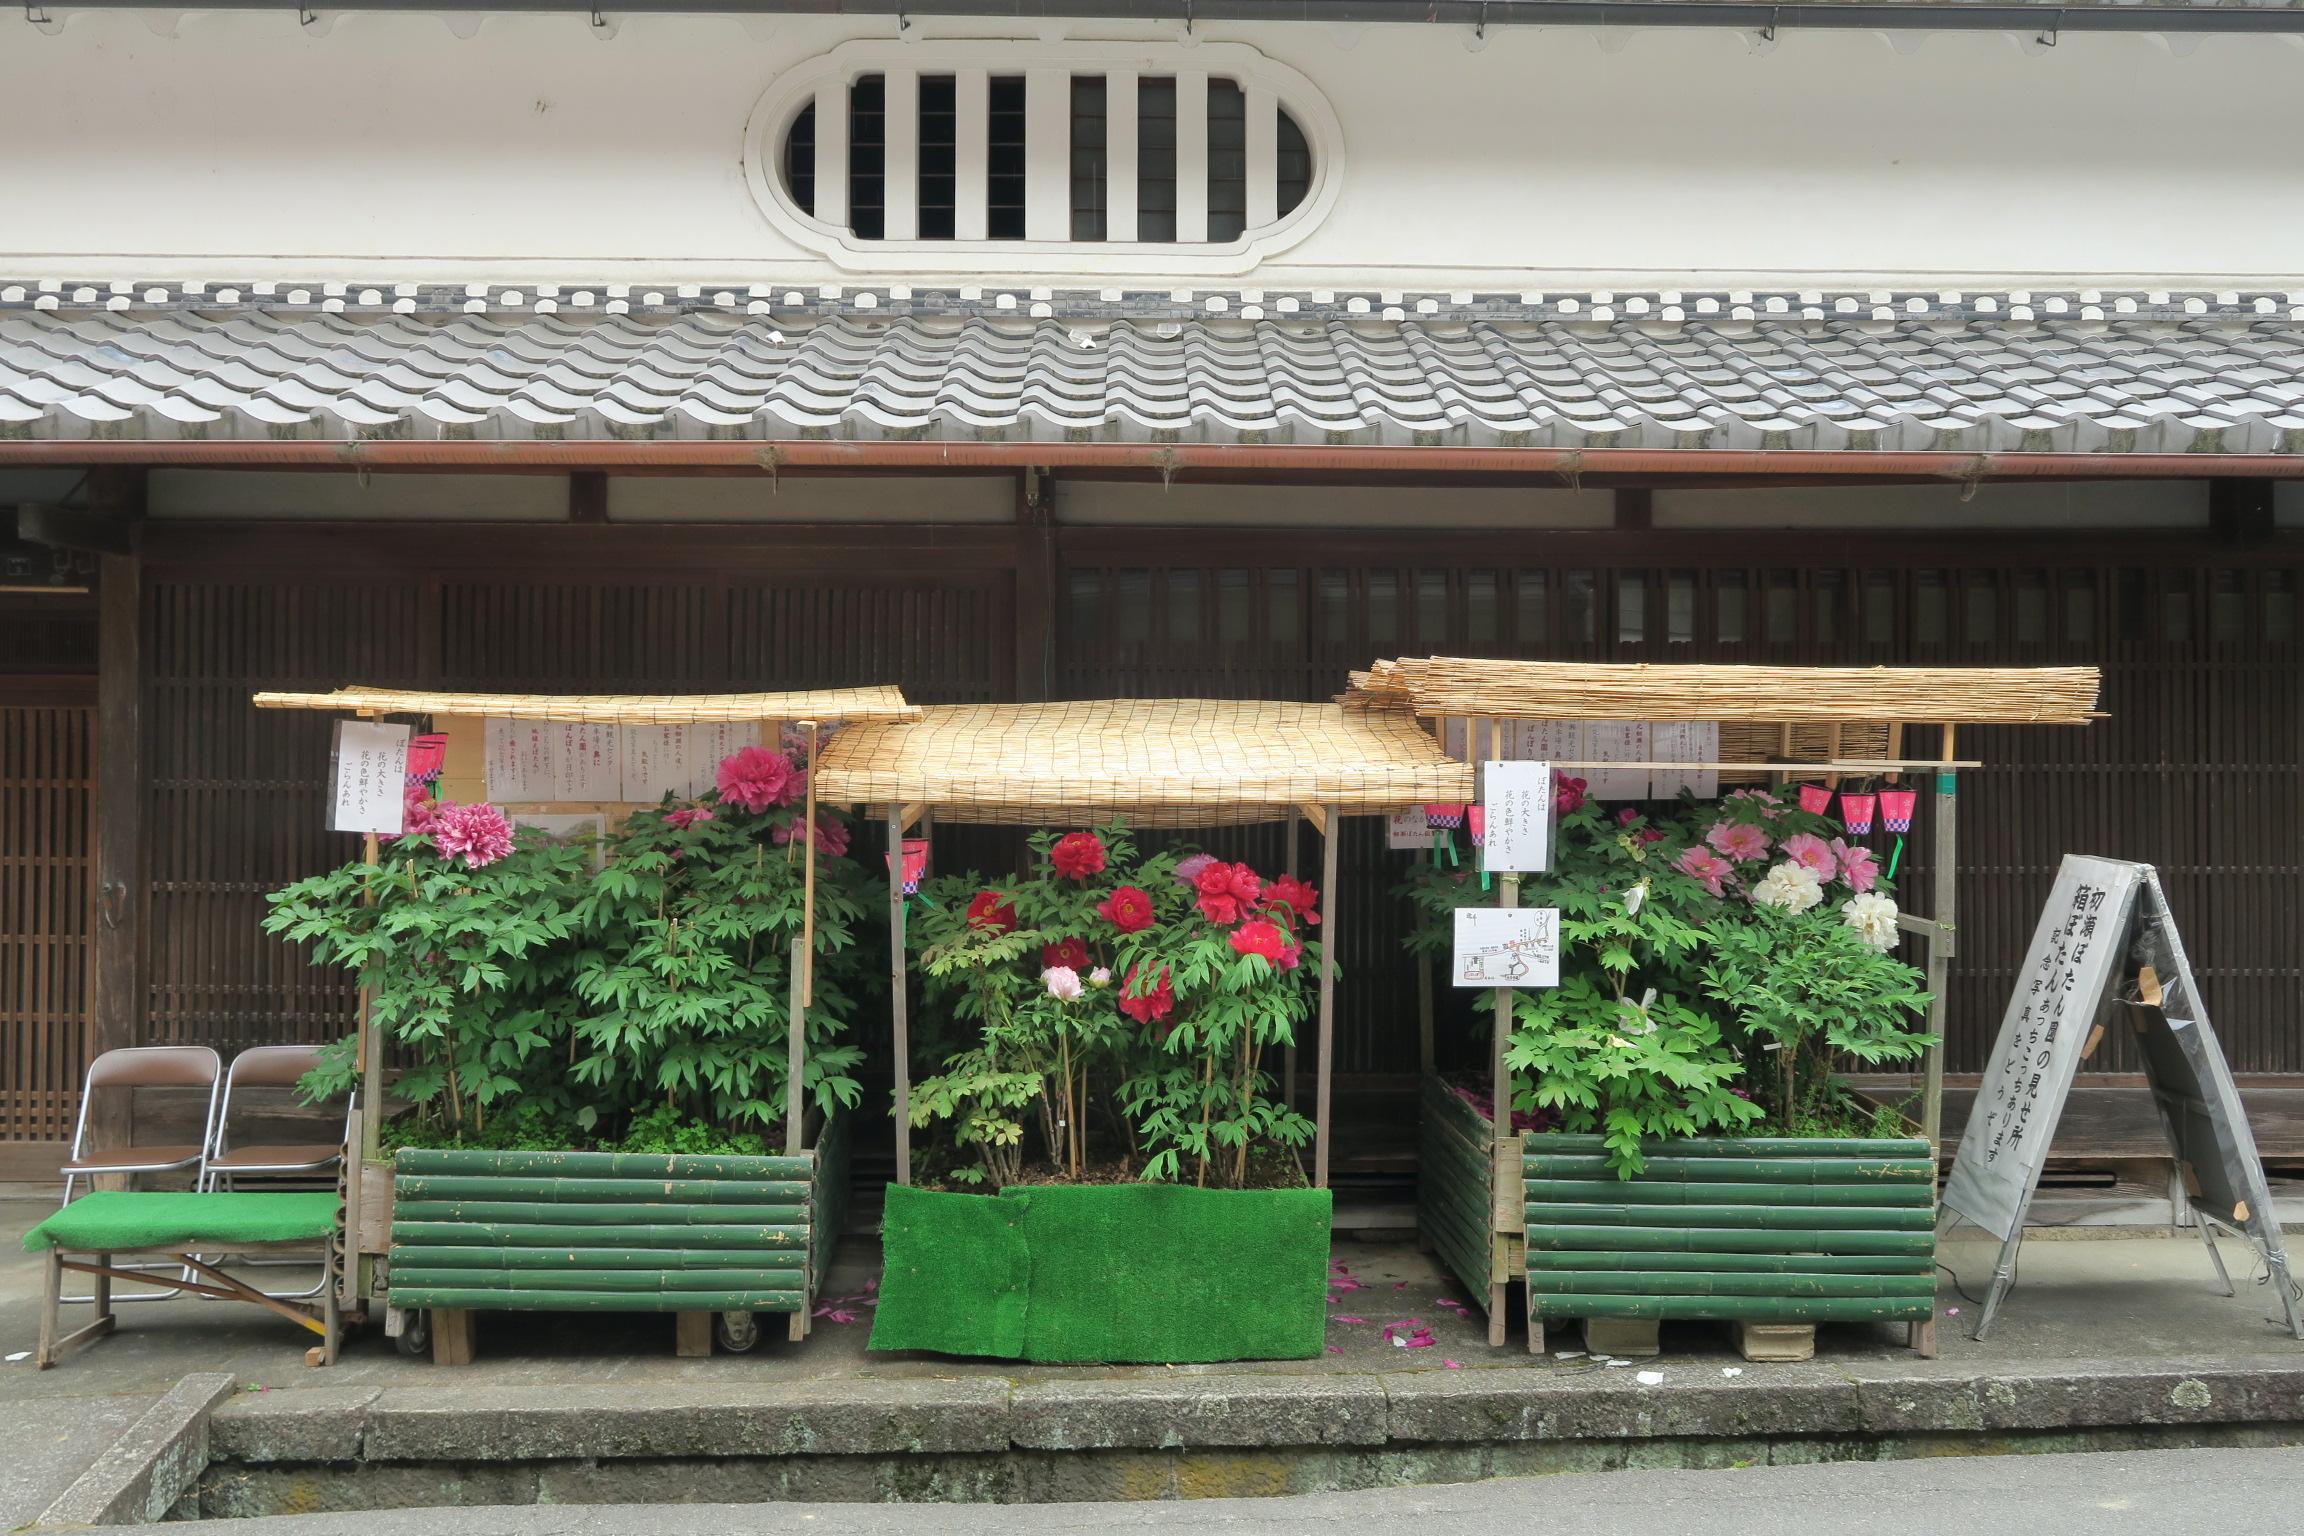 長谷寺の牡丹まつりでは、写真のような「箱ぼたん」が町のあちこちに設置されています。